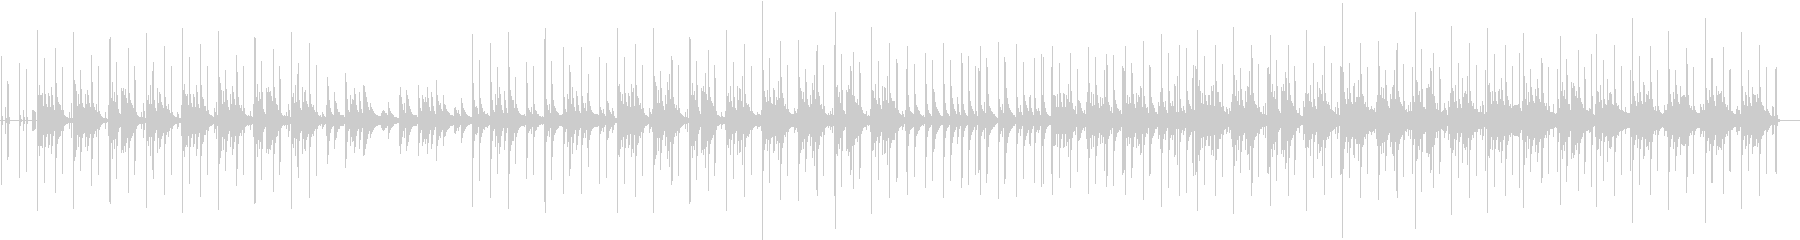 ピアノの音がメインのゆったりとした曲の未再生の波形